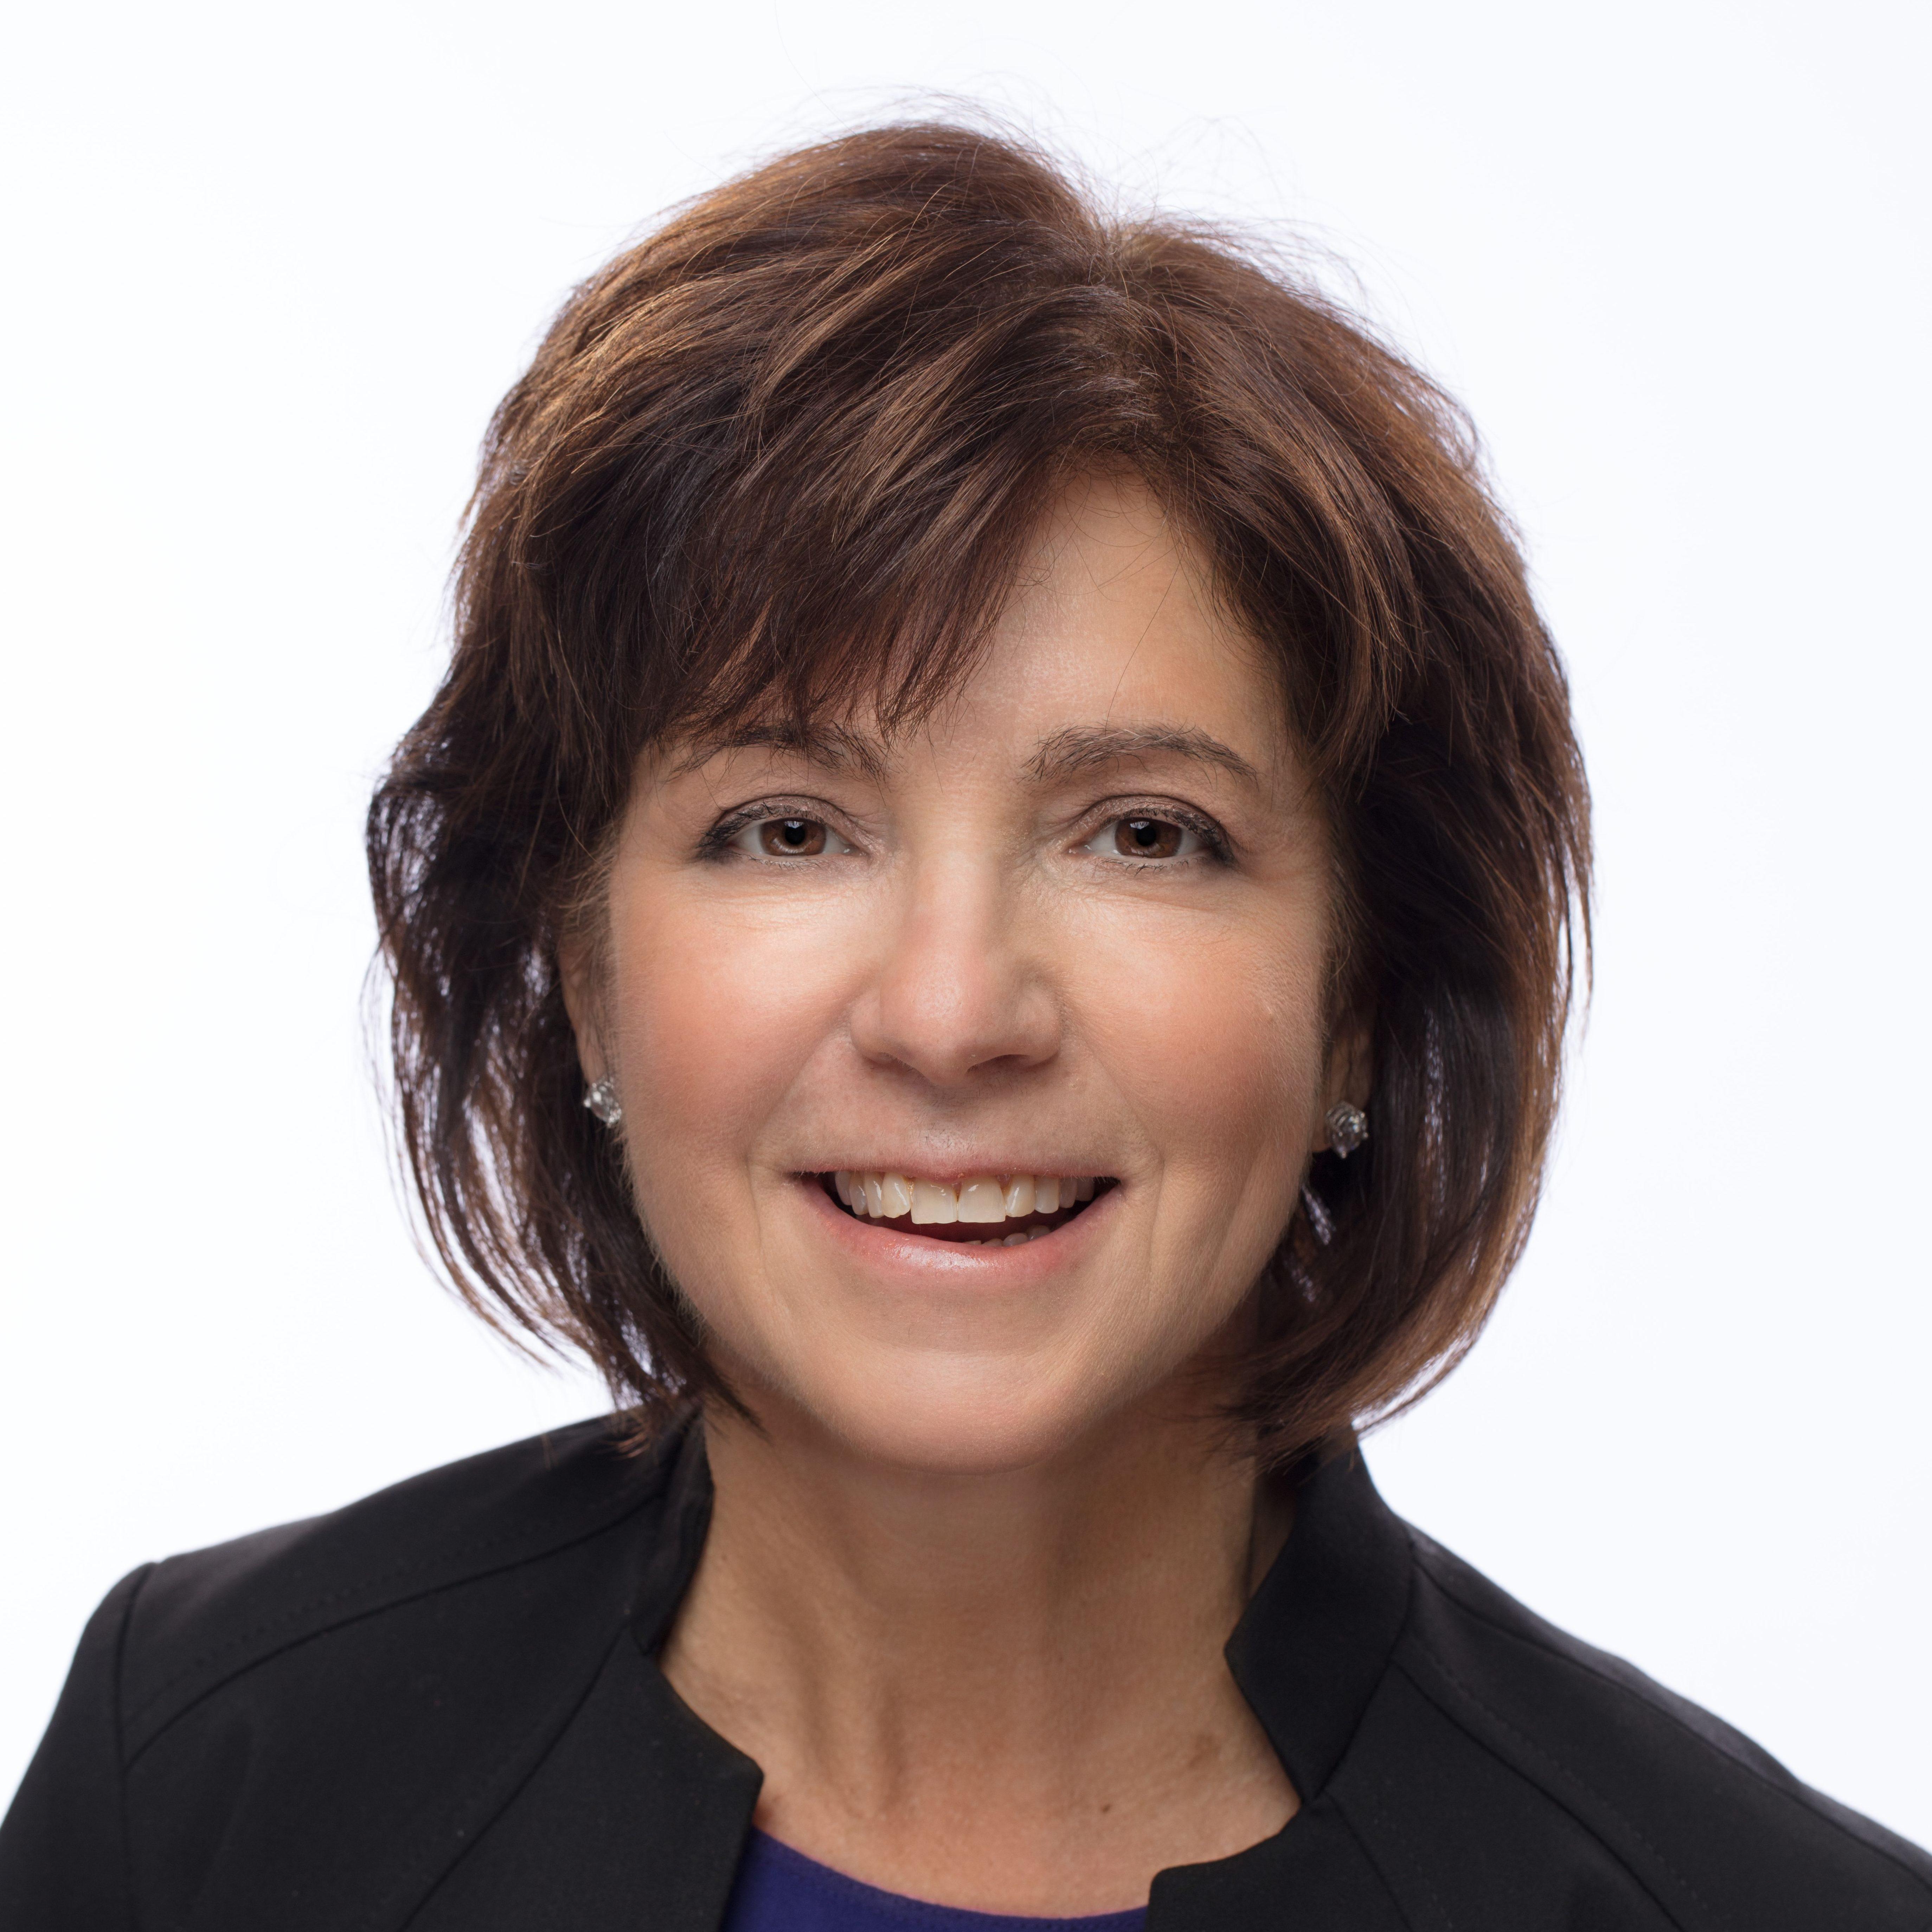 Gail Rosen